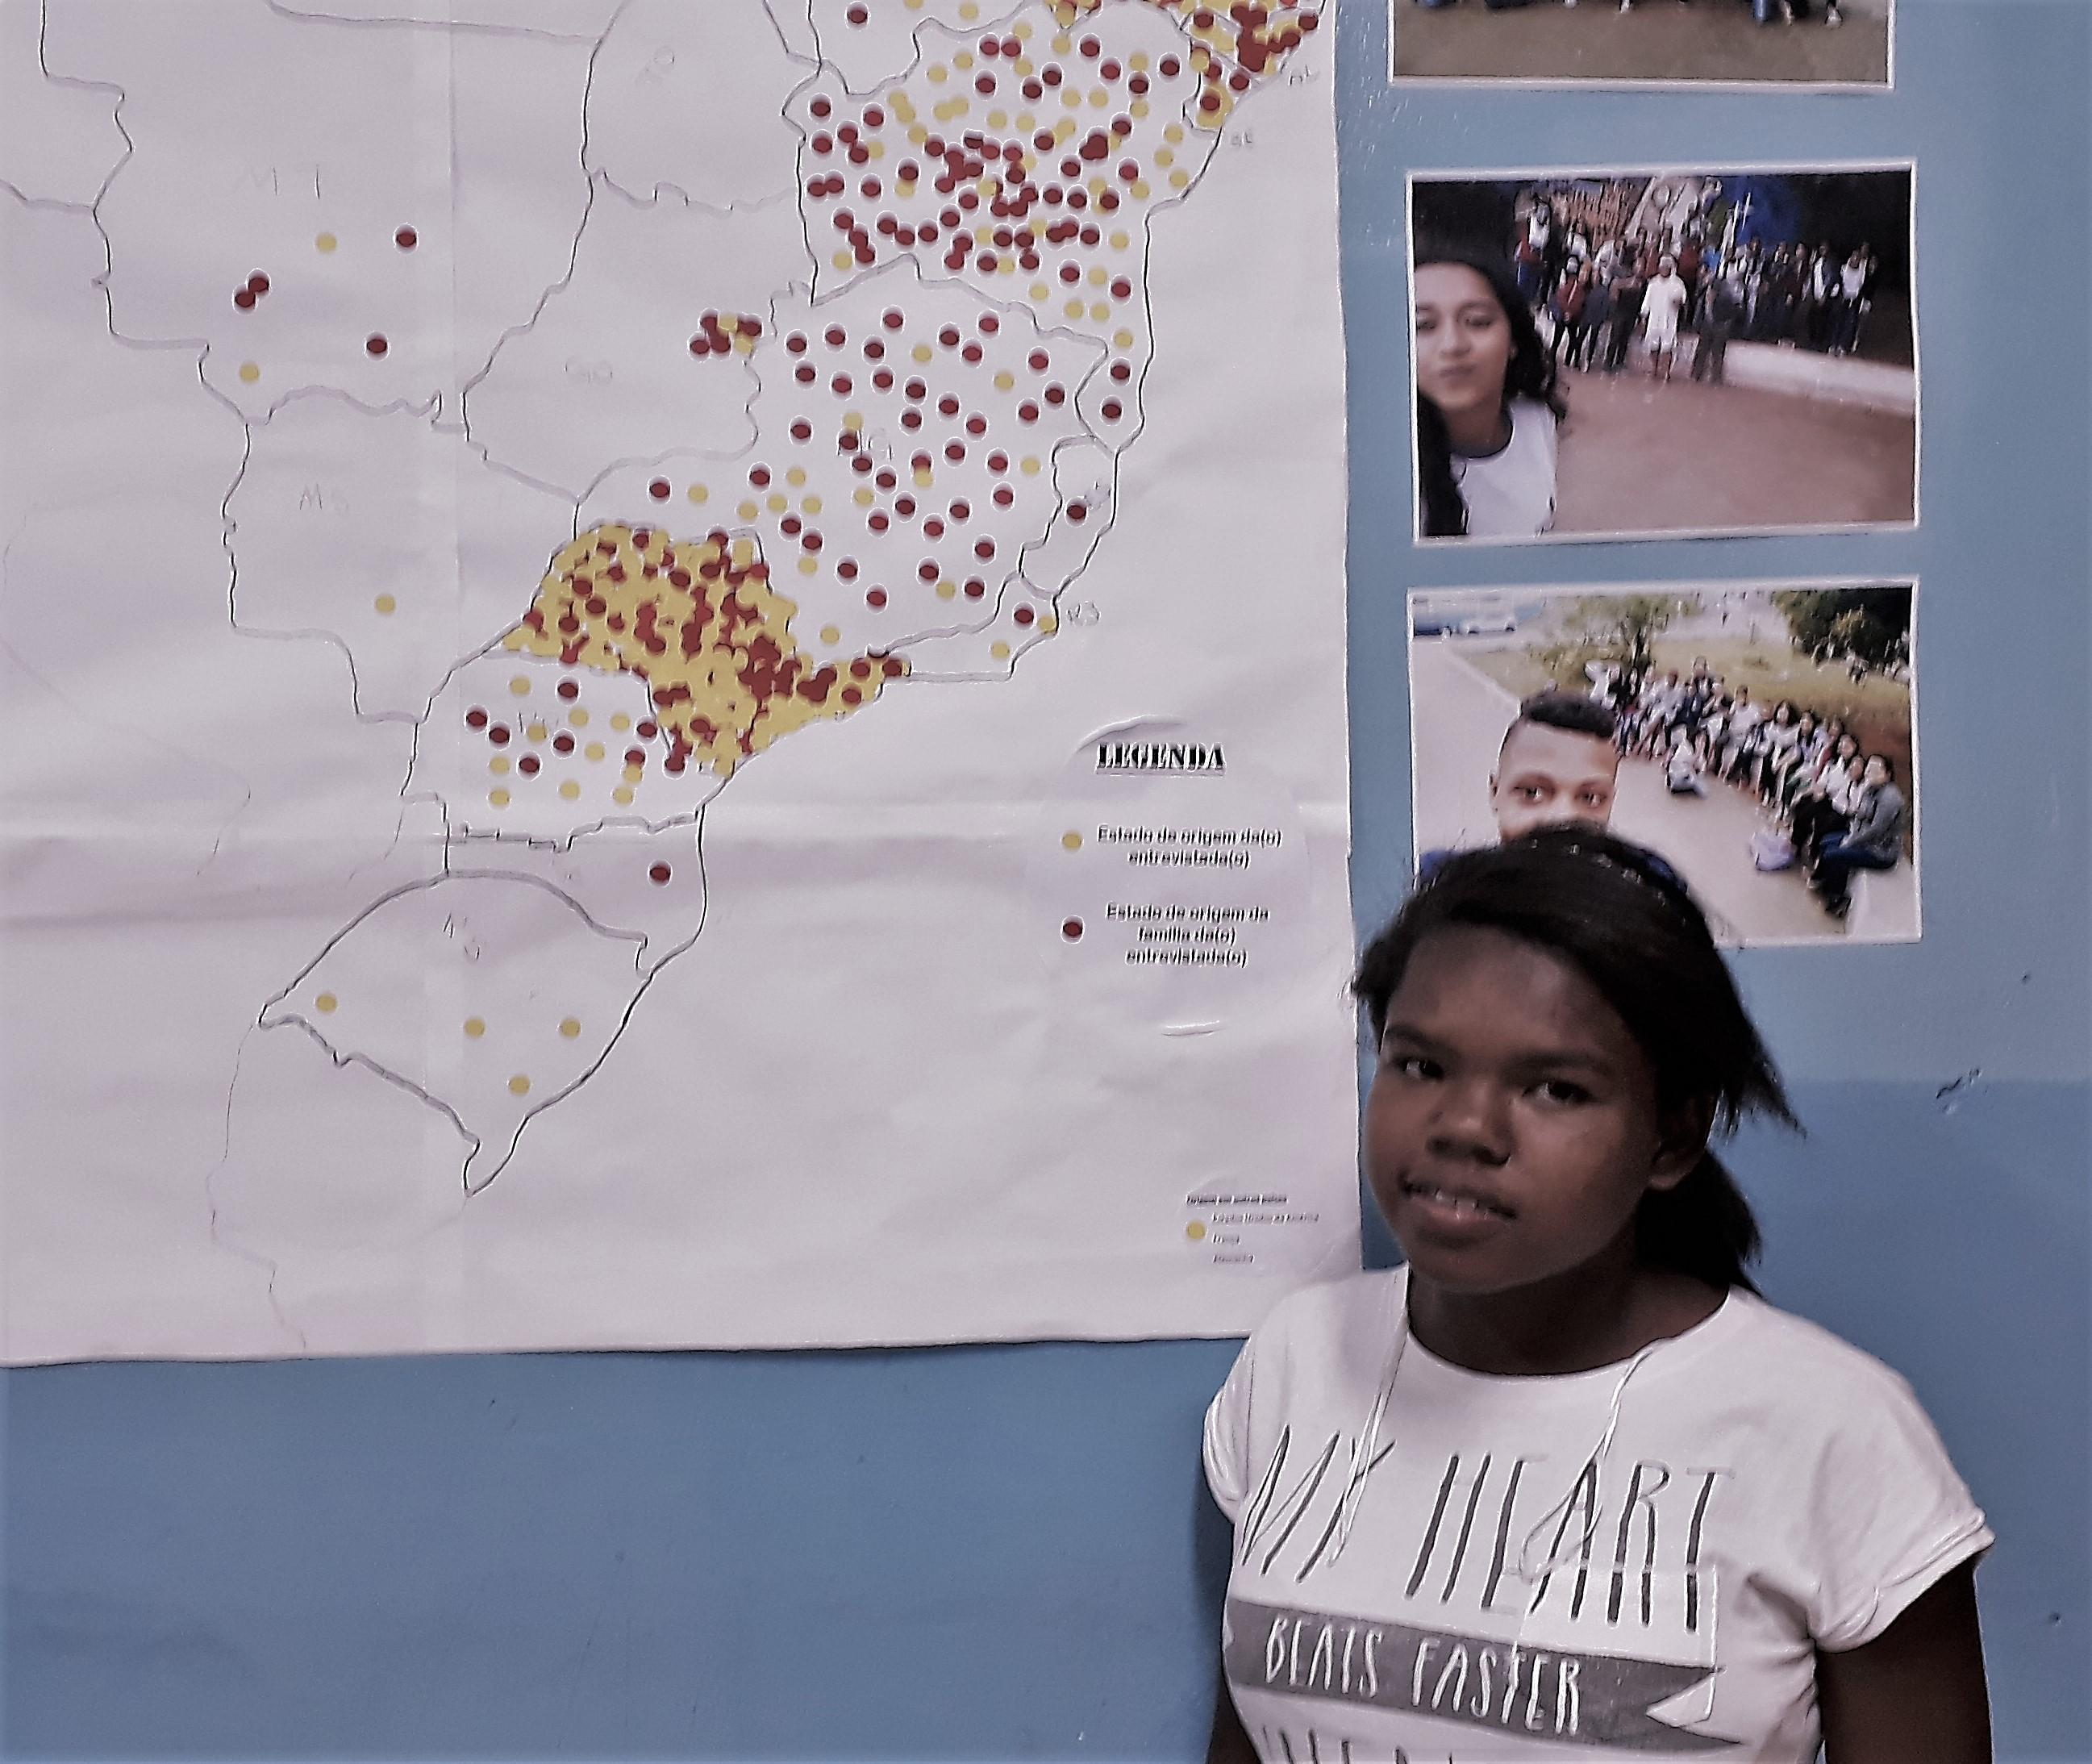 """Em SP, professor cria """"Quebrada Maps"""" para ensinar geografia de maneira diferente 3"""